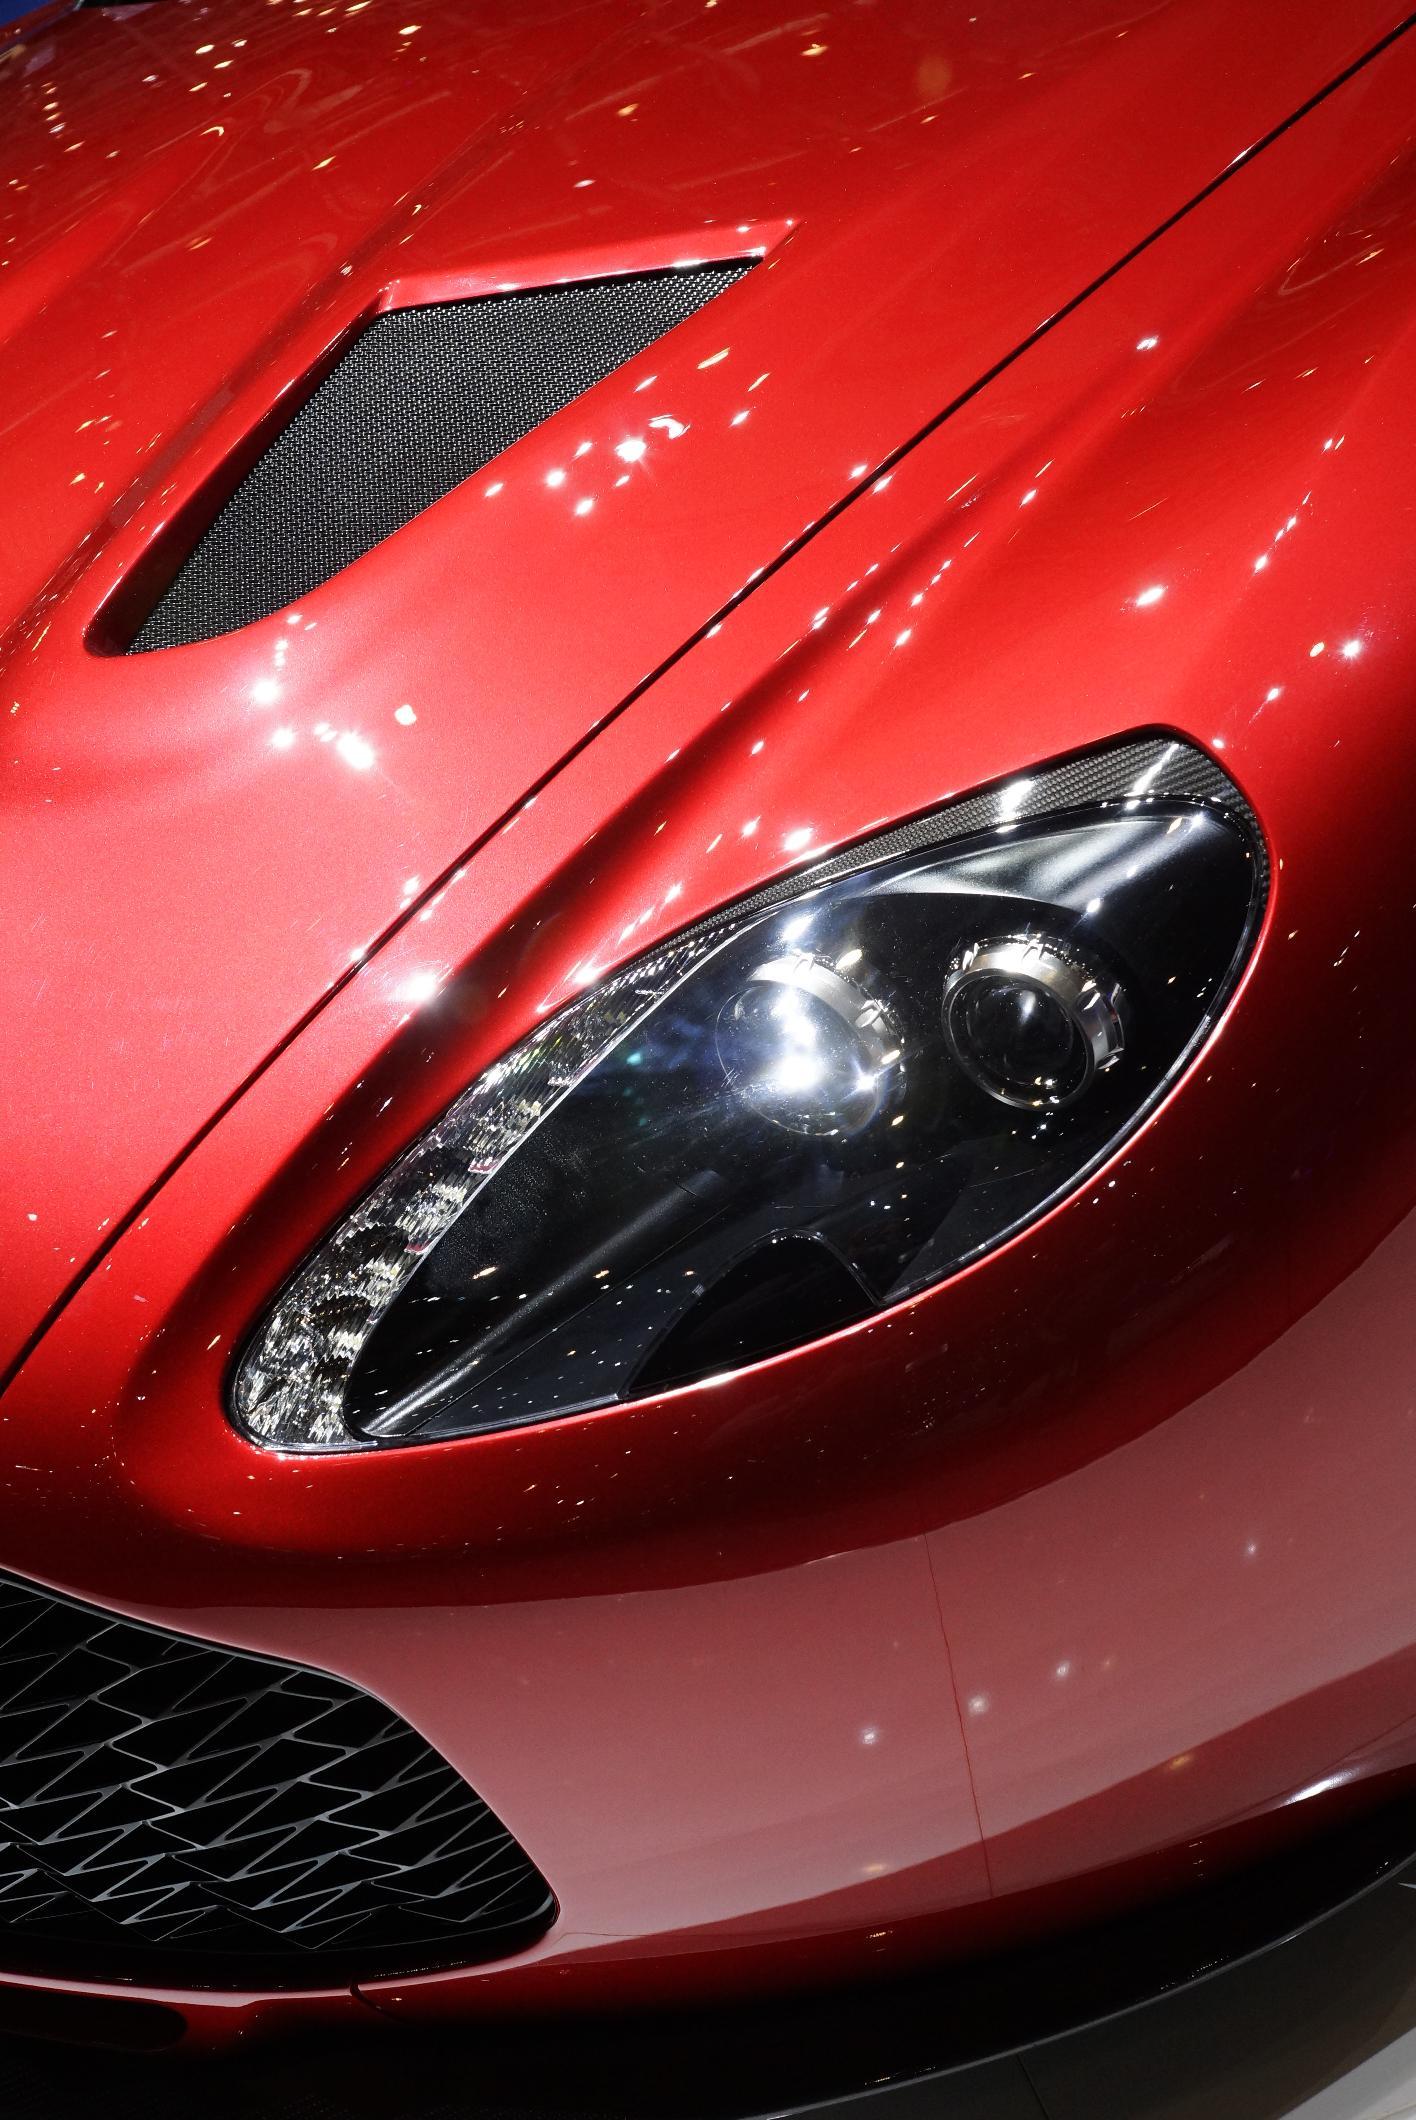 Aston Martin V12 Zagato Geneva 2012 Light